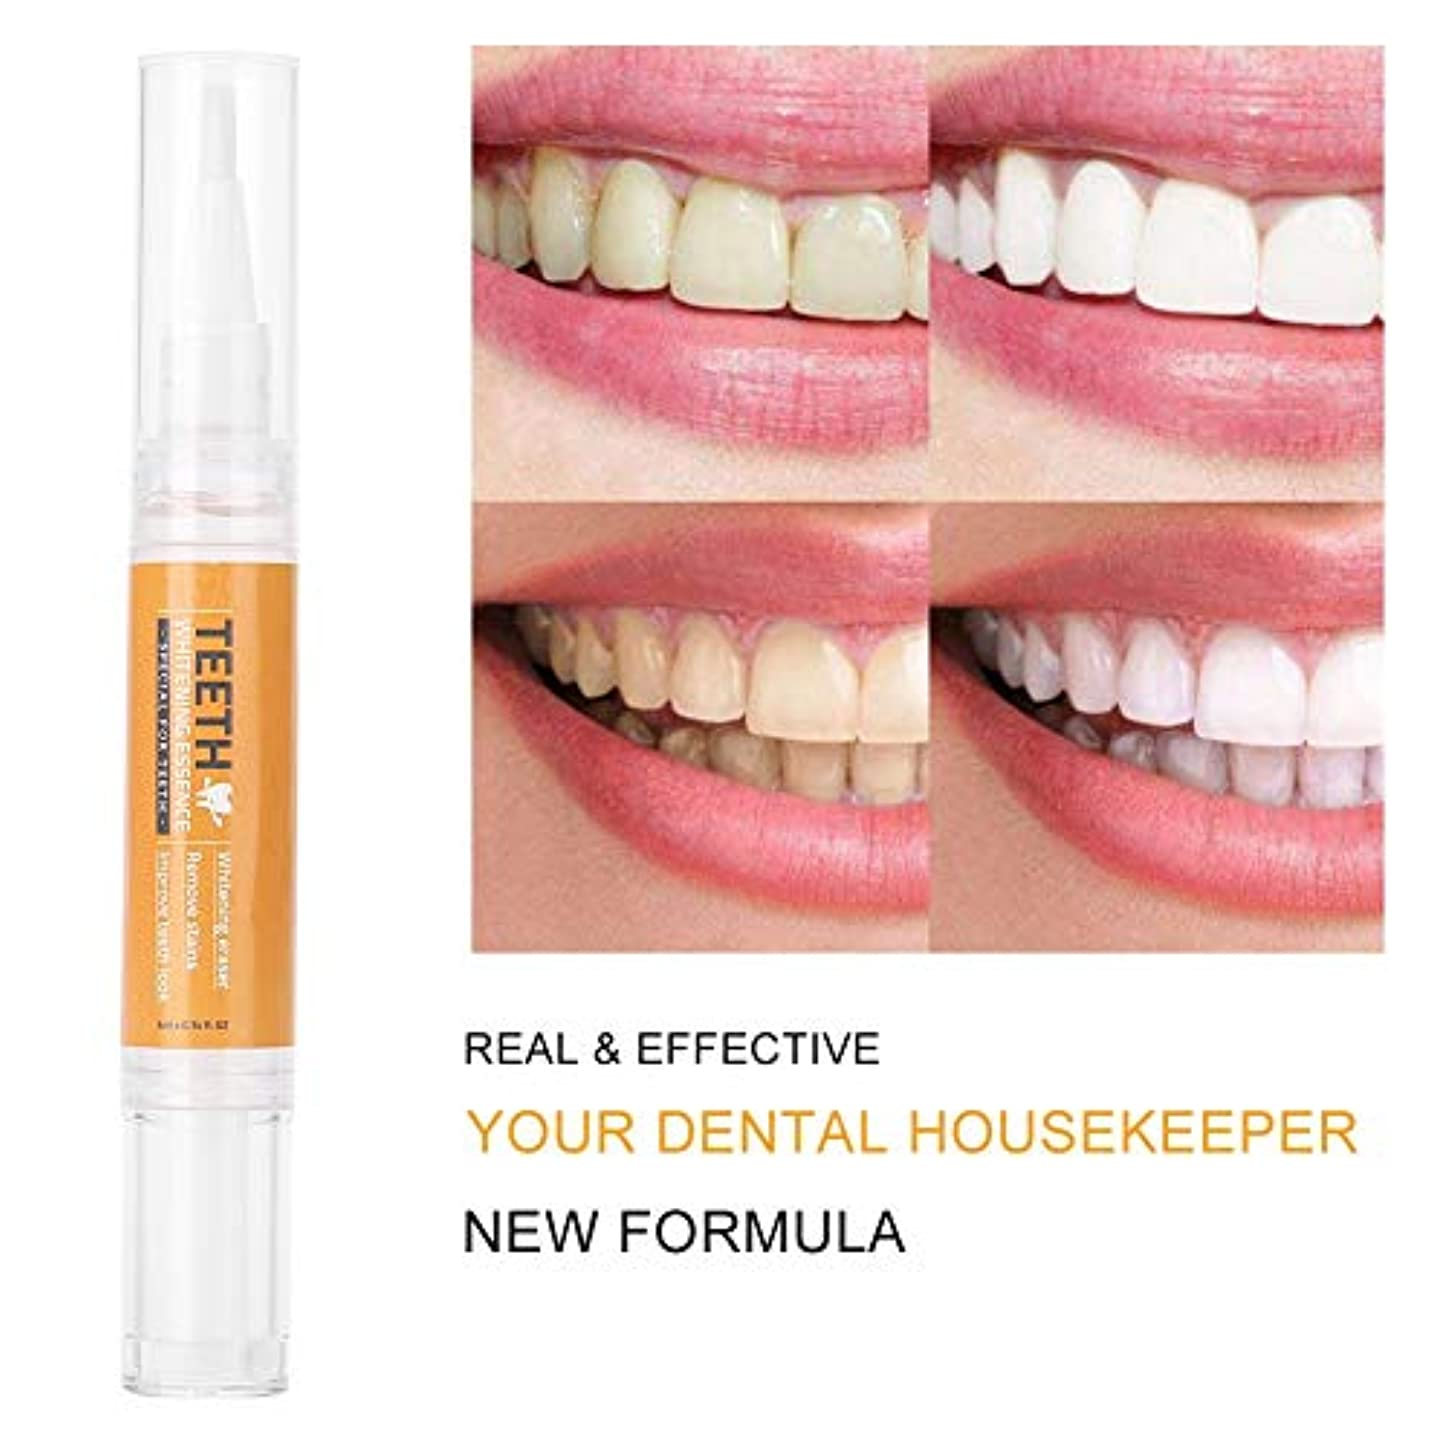 受け入れリフレッシュクラブ歯のホワイトニングペン 歯磨きペン 歯汚れ除去歯を白く 美白効果 歯のケアツール